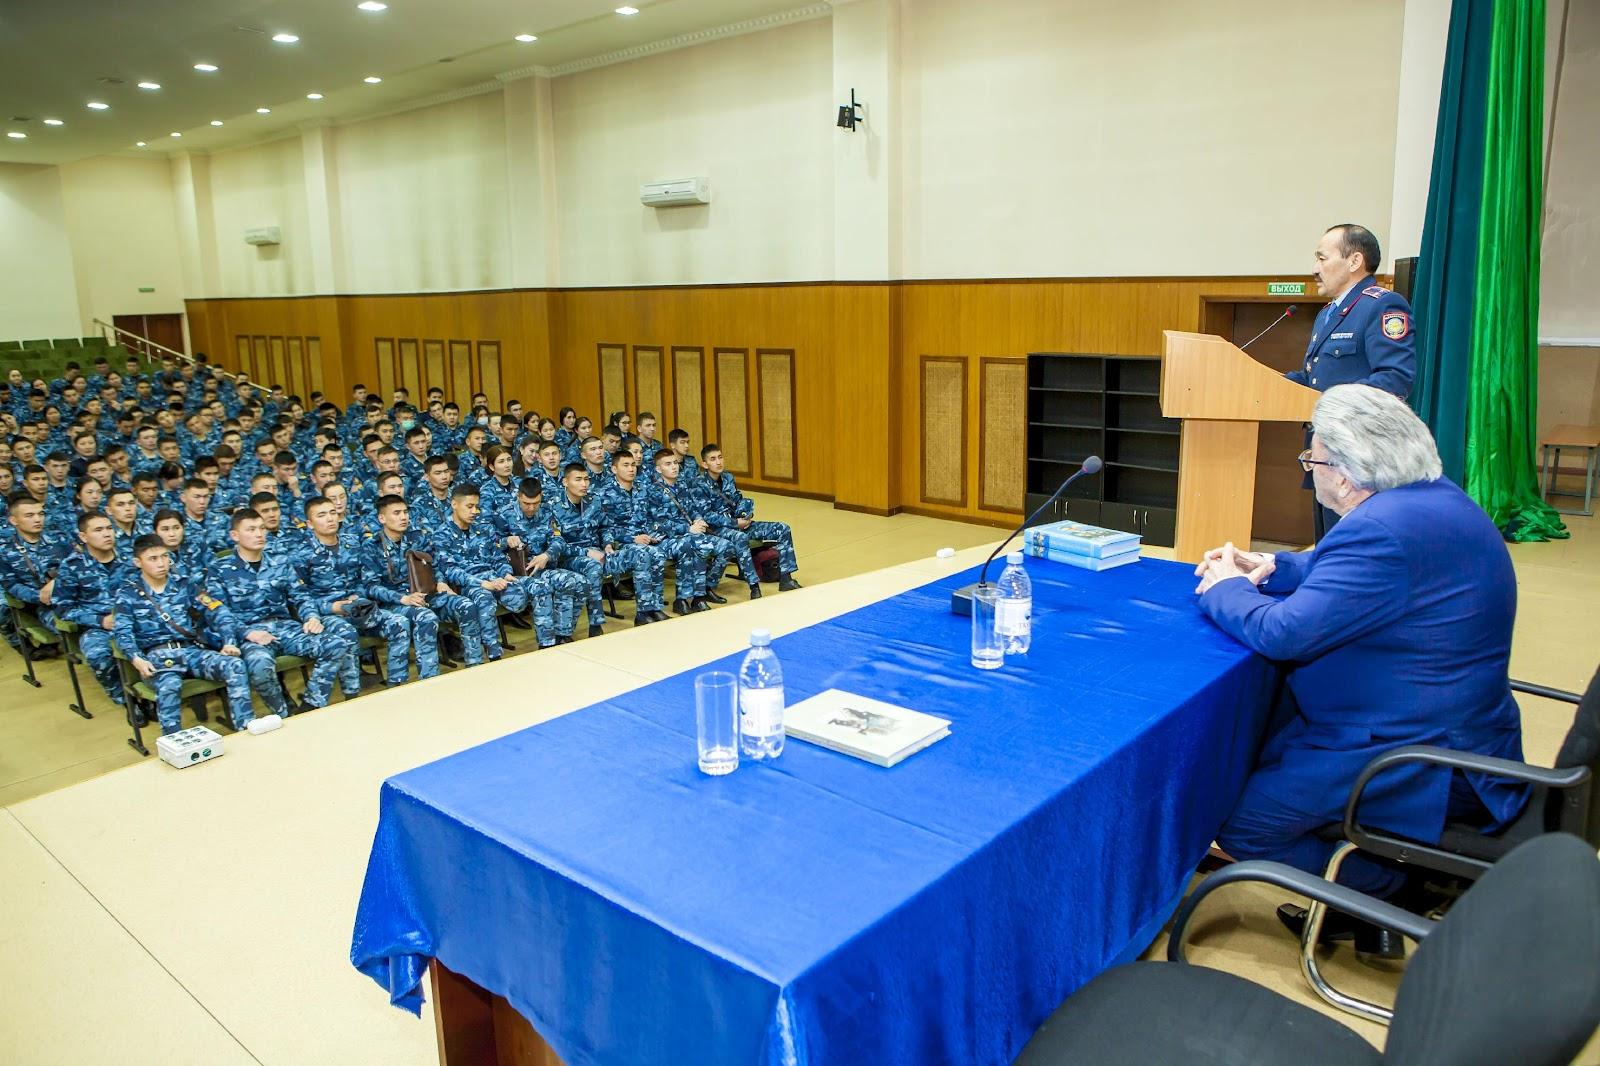 В рамках Программы «Рухани жаңғыру – духовное возрождение»   в Академии прошла встреча с представителем Ассамблеи народа Казахстана